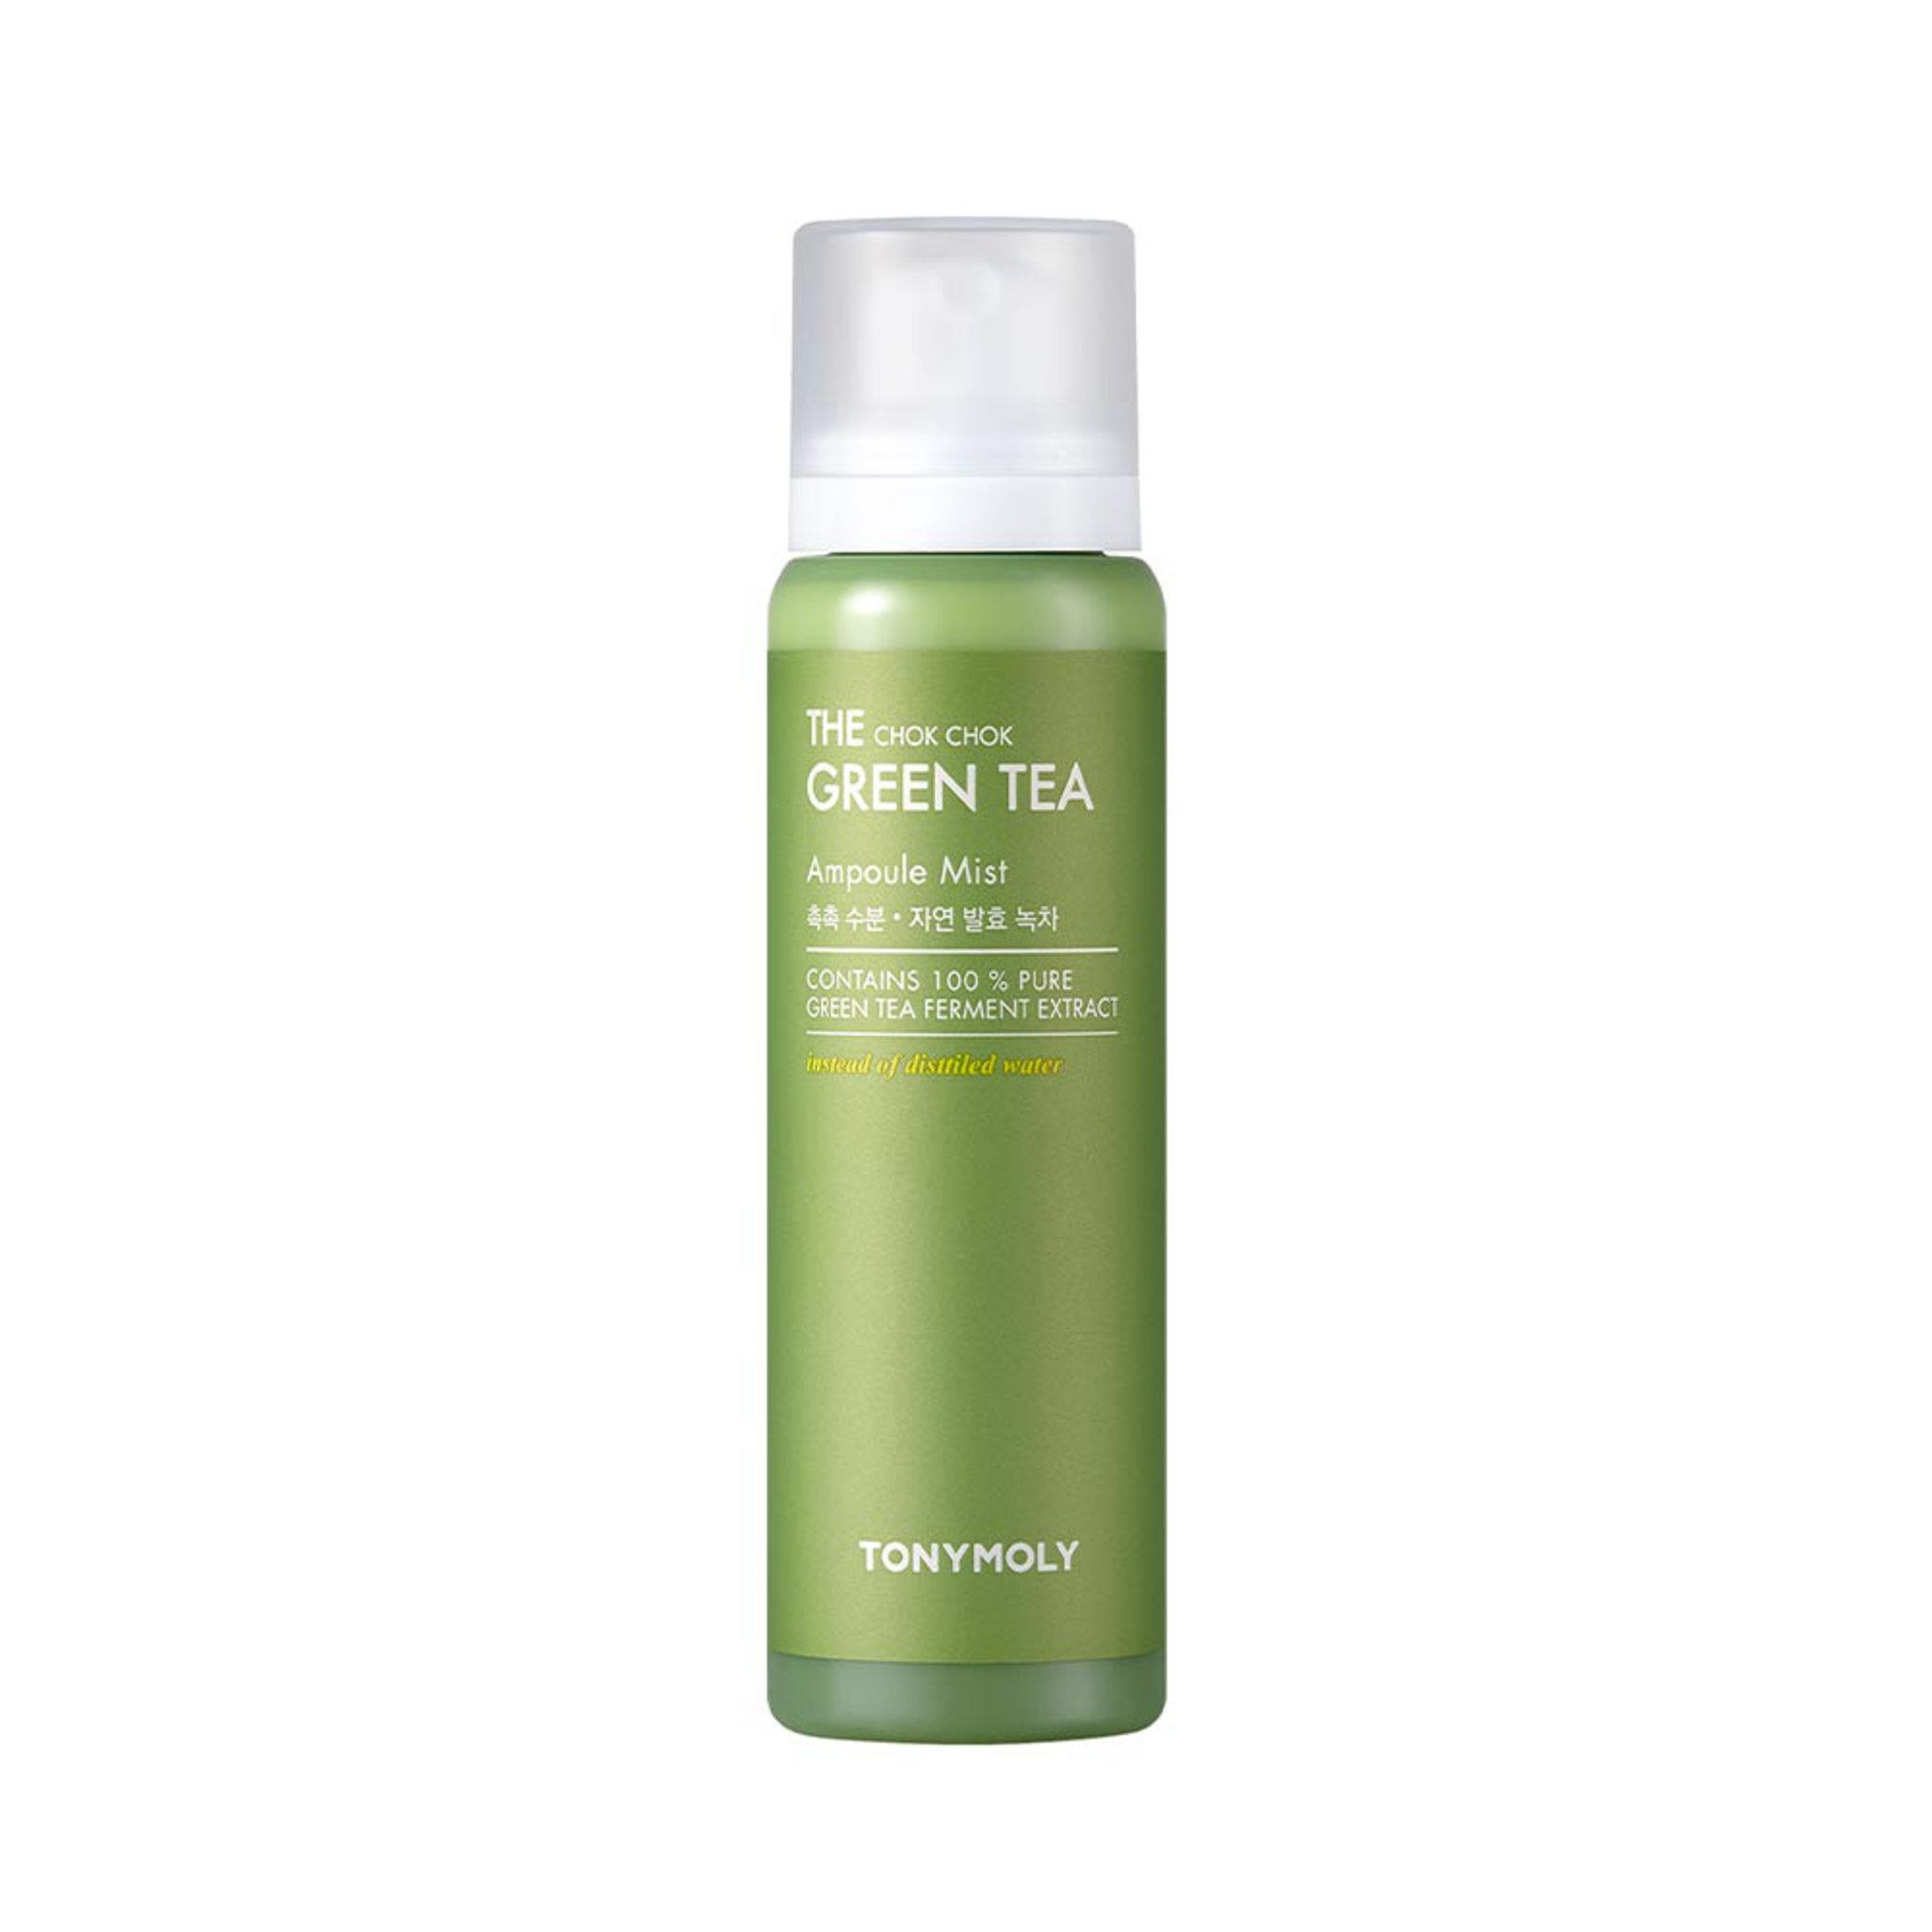 The Chok Chok Green Tea Ampoule Mist, 150 ml